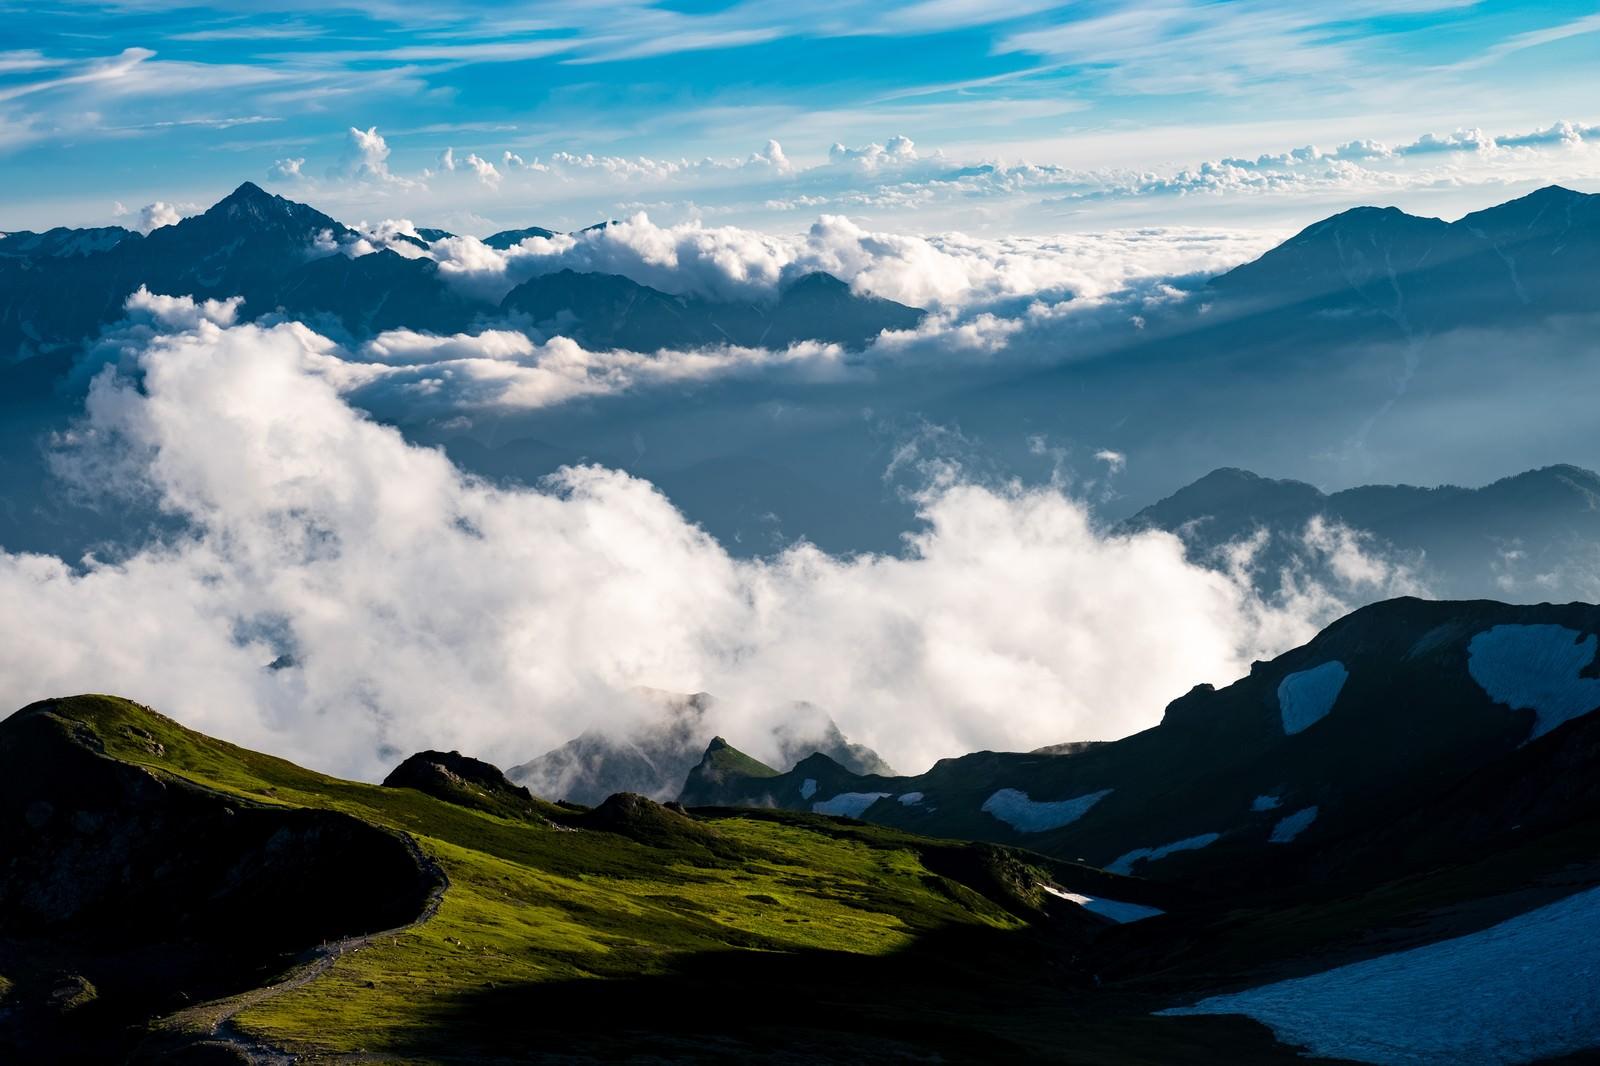 「雲海と白馬岳稜線と立山連峰」の写真